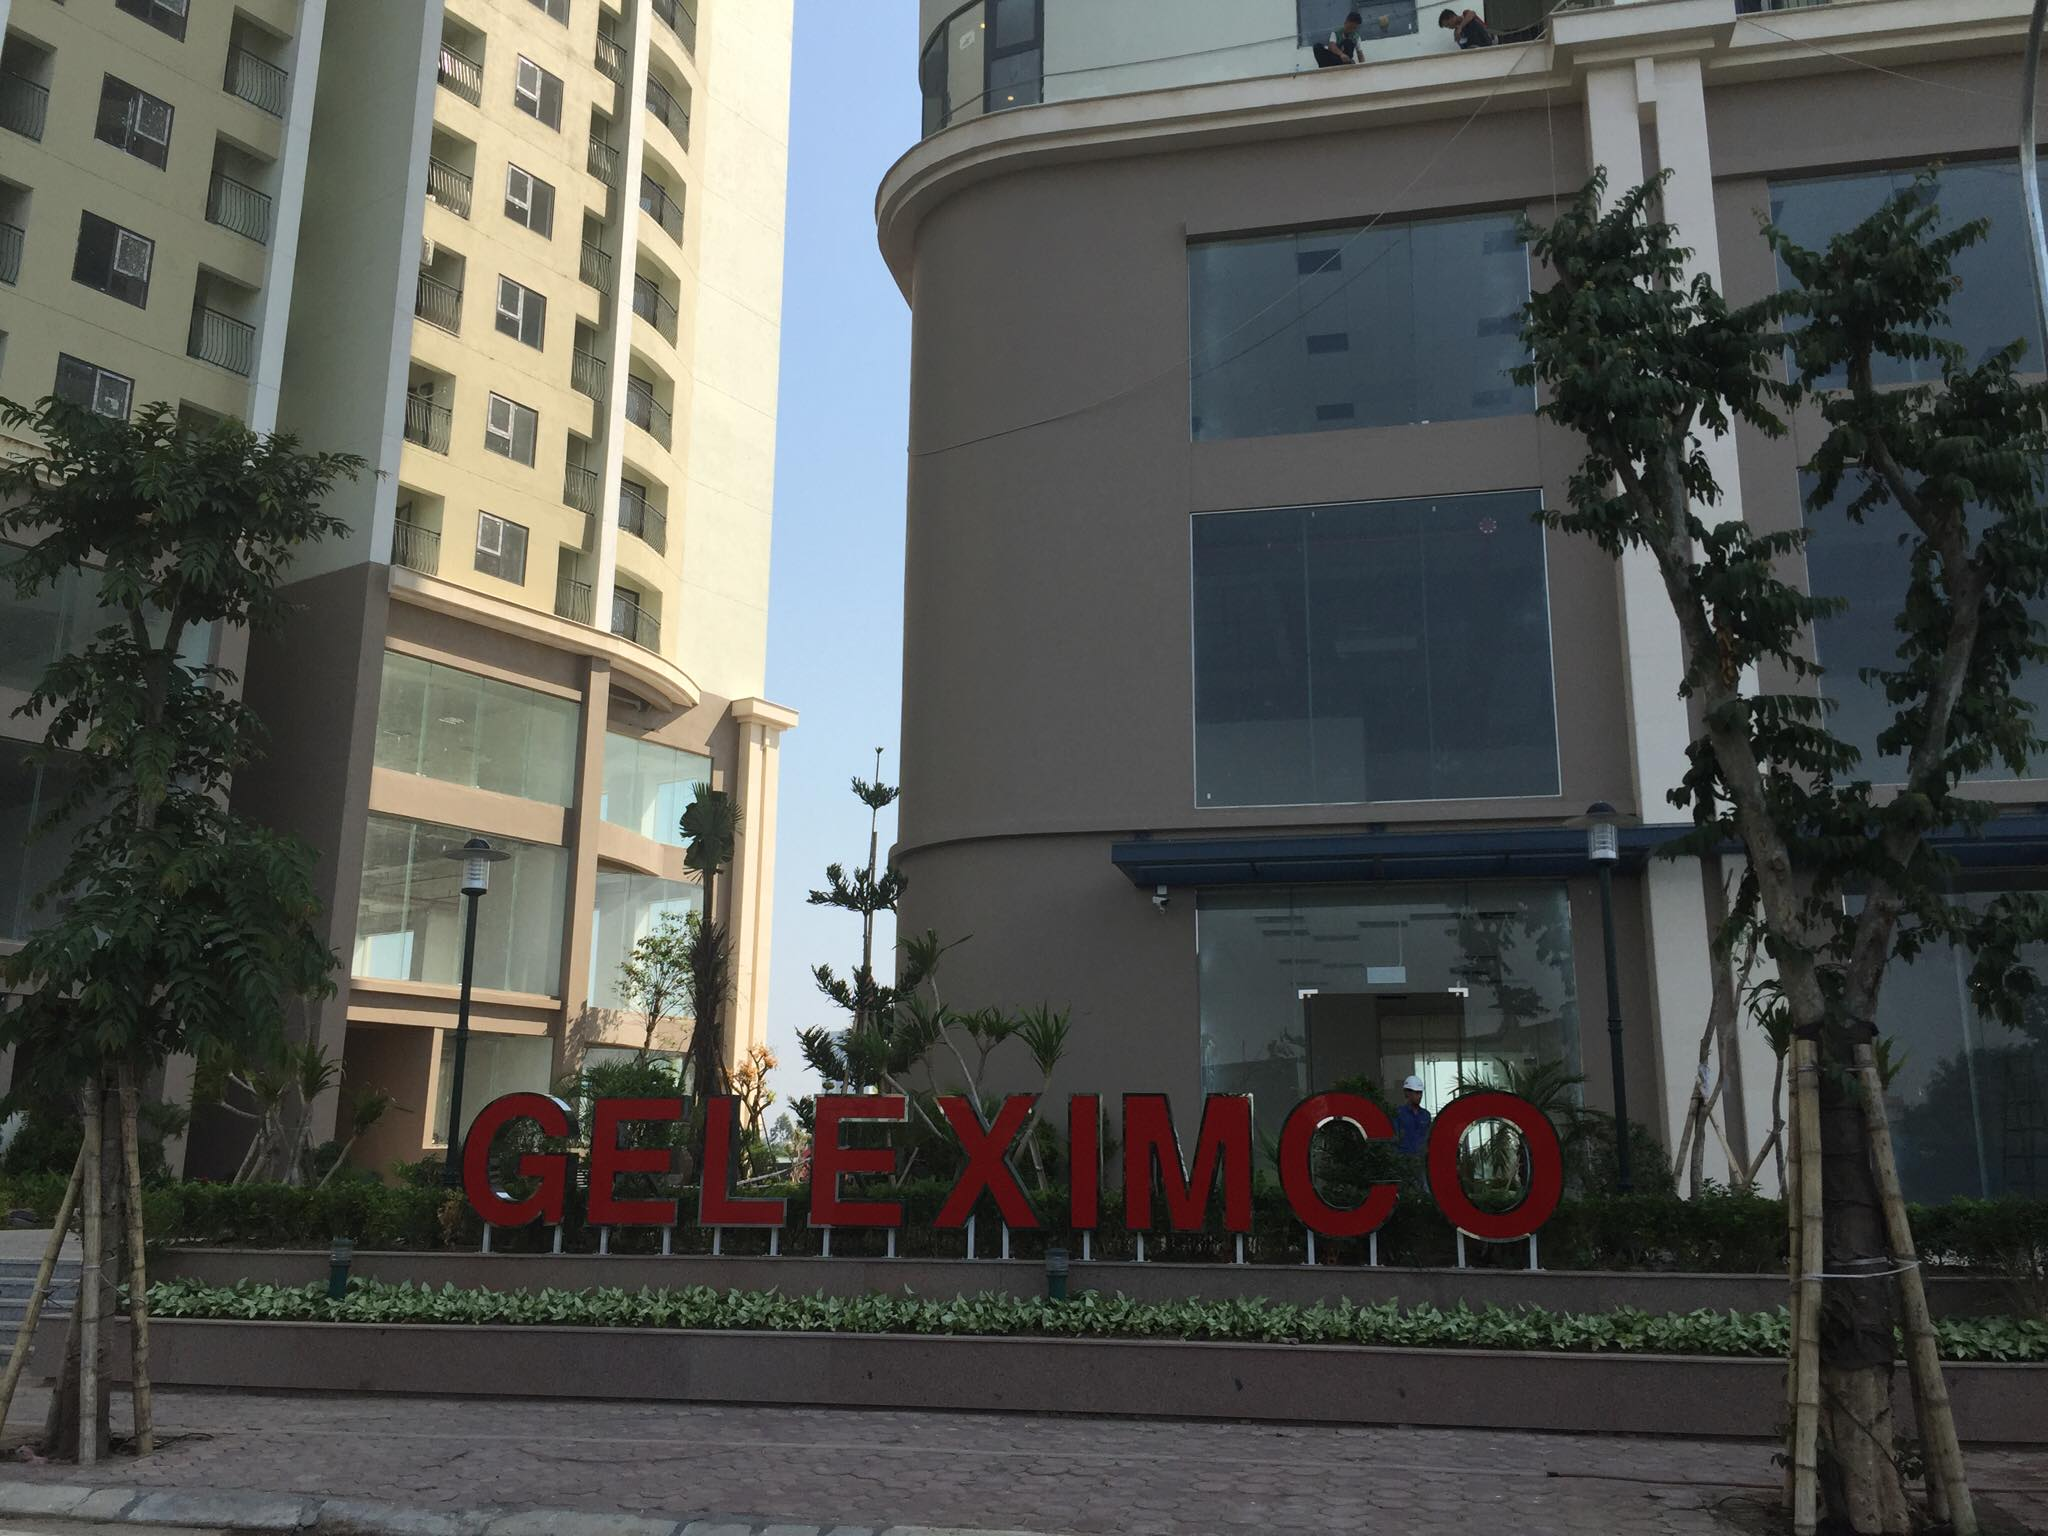 Tổ hợp chung cư Gelexia Reverside có 3 tầng thương mại dịch vụ với trung tâm thương mại sầm uất, 2 bể bơi 4 mùa, cửa hàng tiện ích, khu tập GYM,… đáp ứng hầu hết các nhu cầu của cư dân.